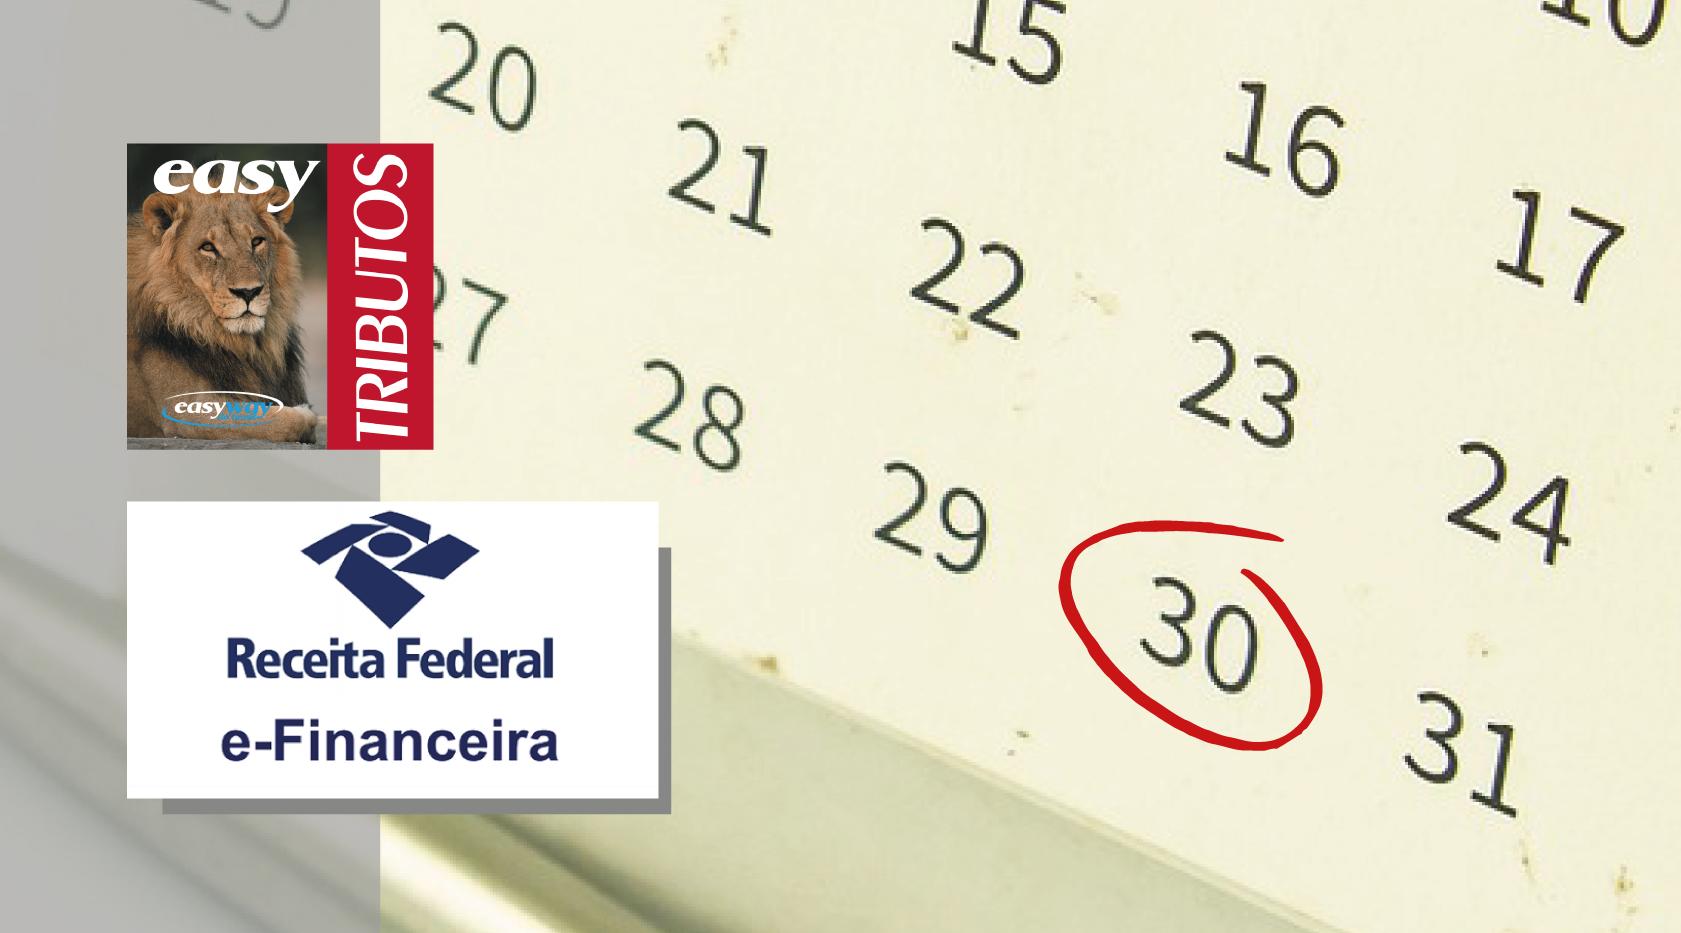 Receita Federal prorroga prazo de entrega da eFinanceira